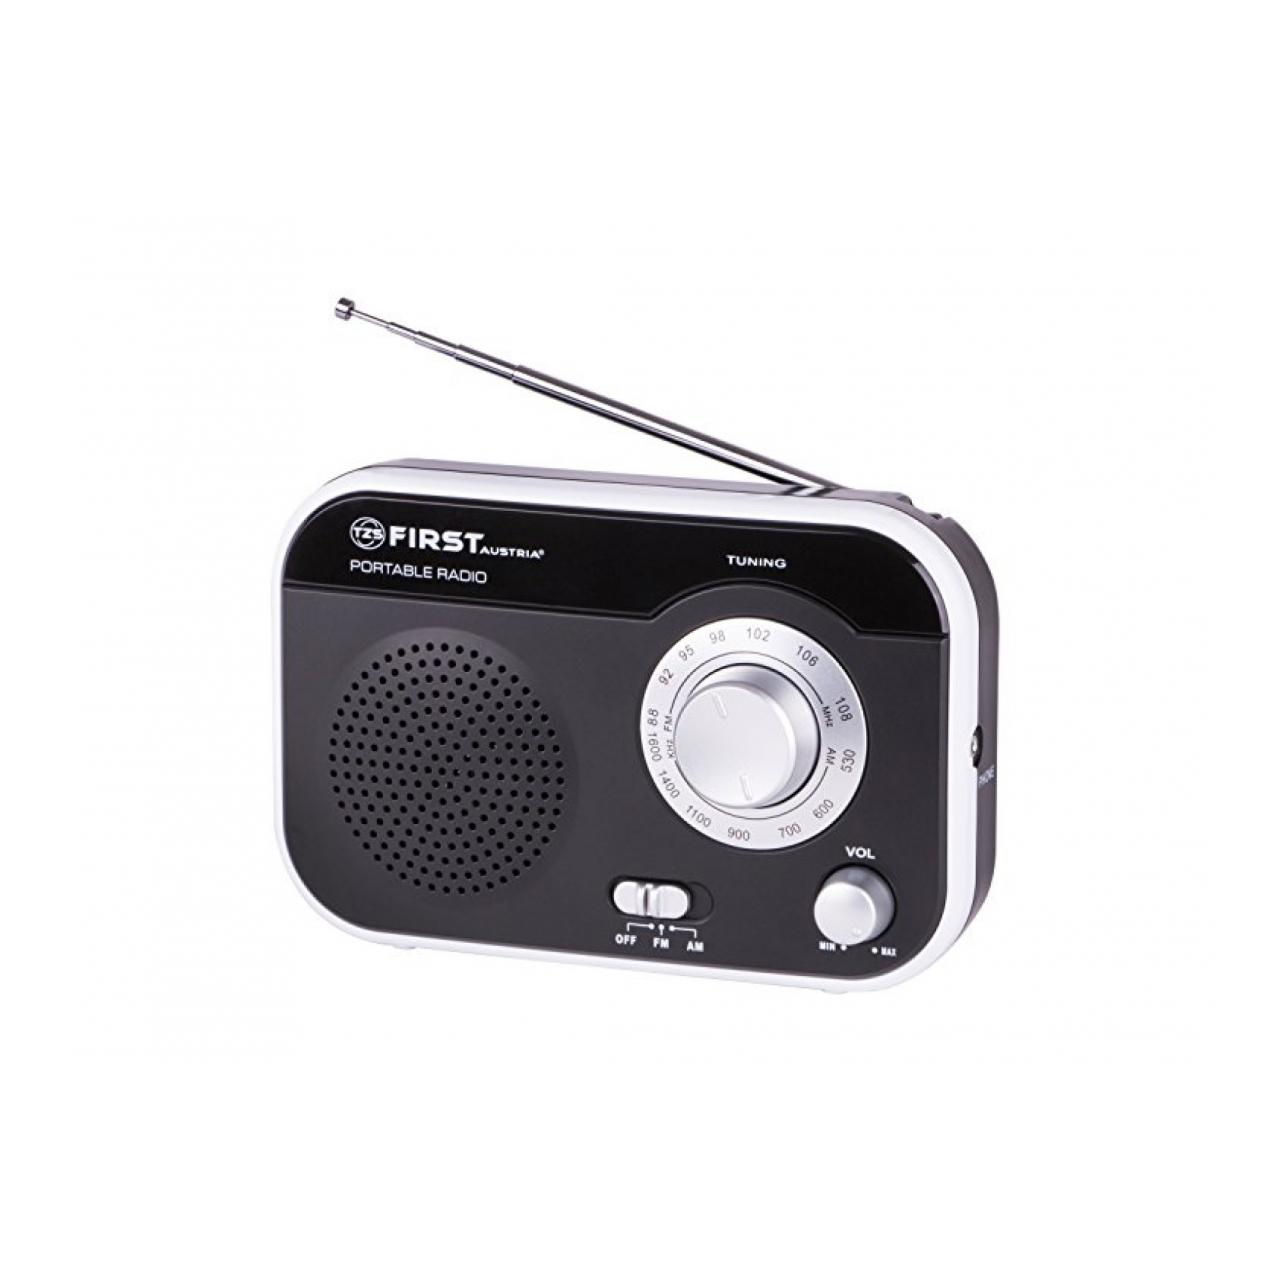 kleines radio fr die kche kleines radio neu with kleines. Black Bedroom Furniture Sets. Home Design Ideas